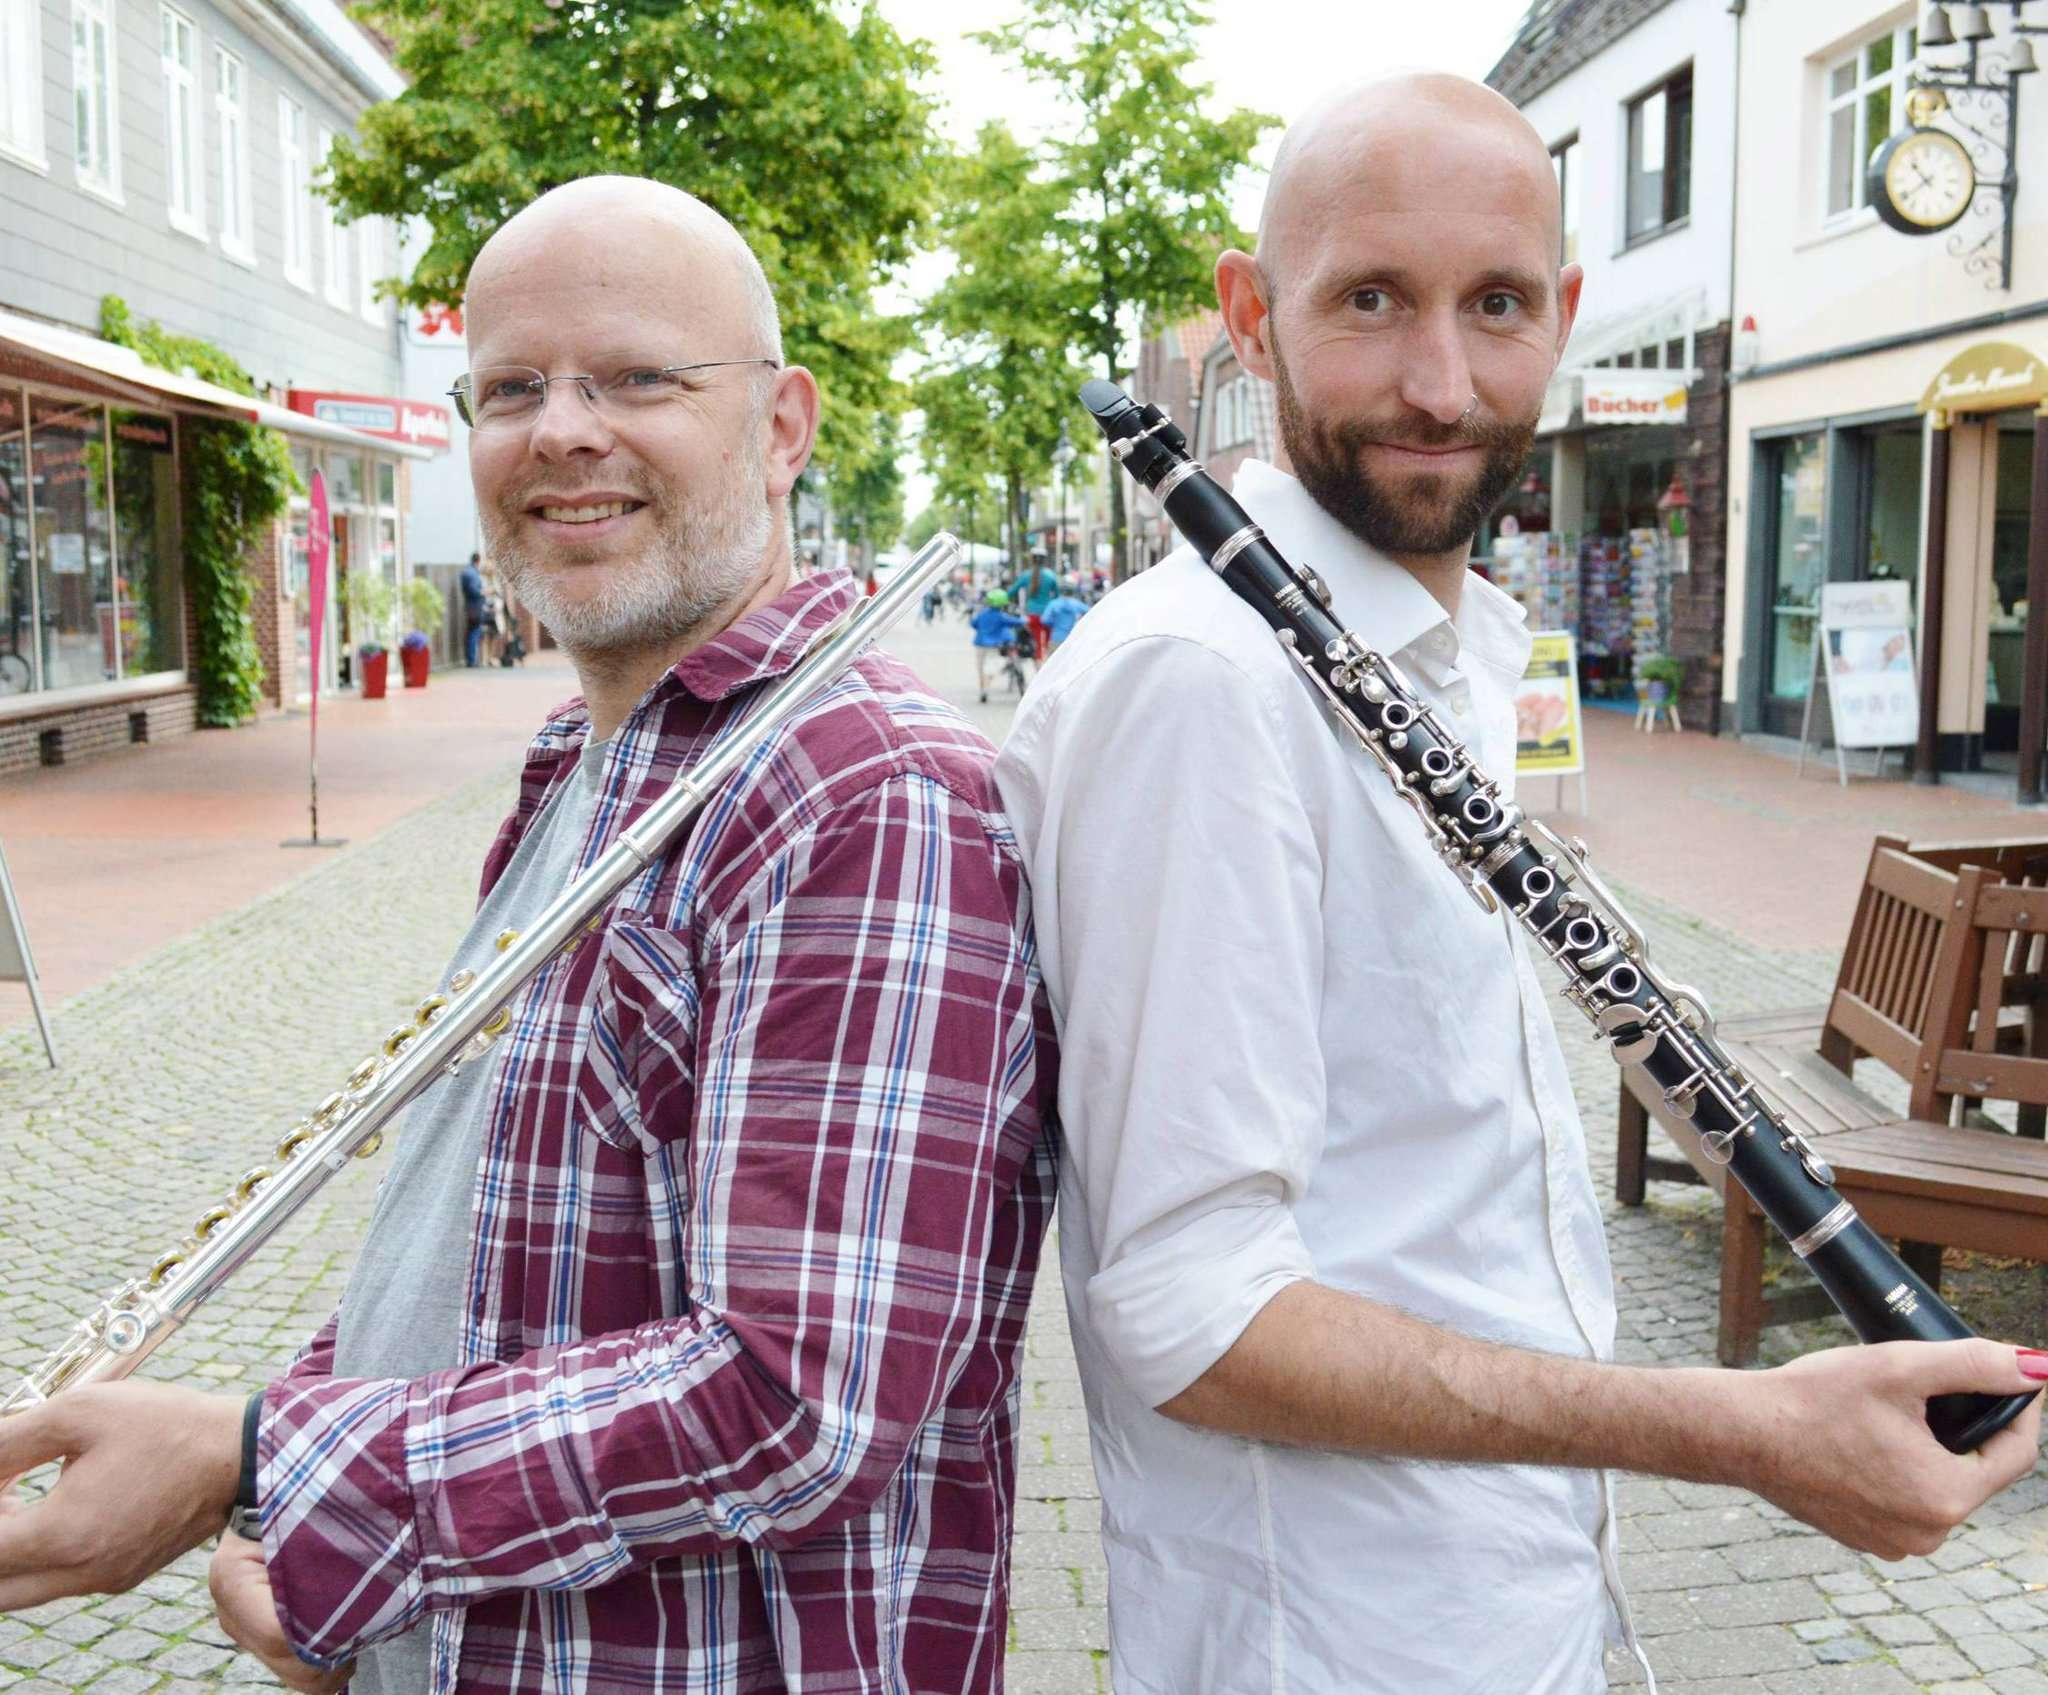 Klarinette und Querflöte, geschultert und bereit: Das sind nur zwei der Instrumente, die Ralf Linders (links) und Benjamin Faber noch im Ensemble von